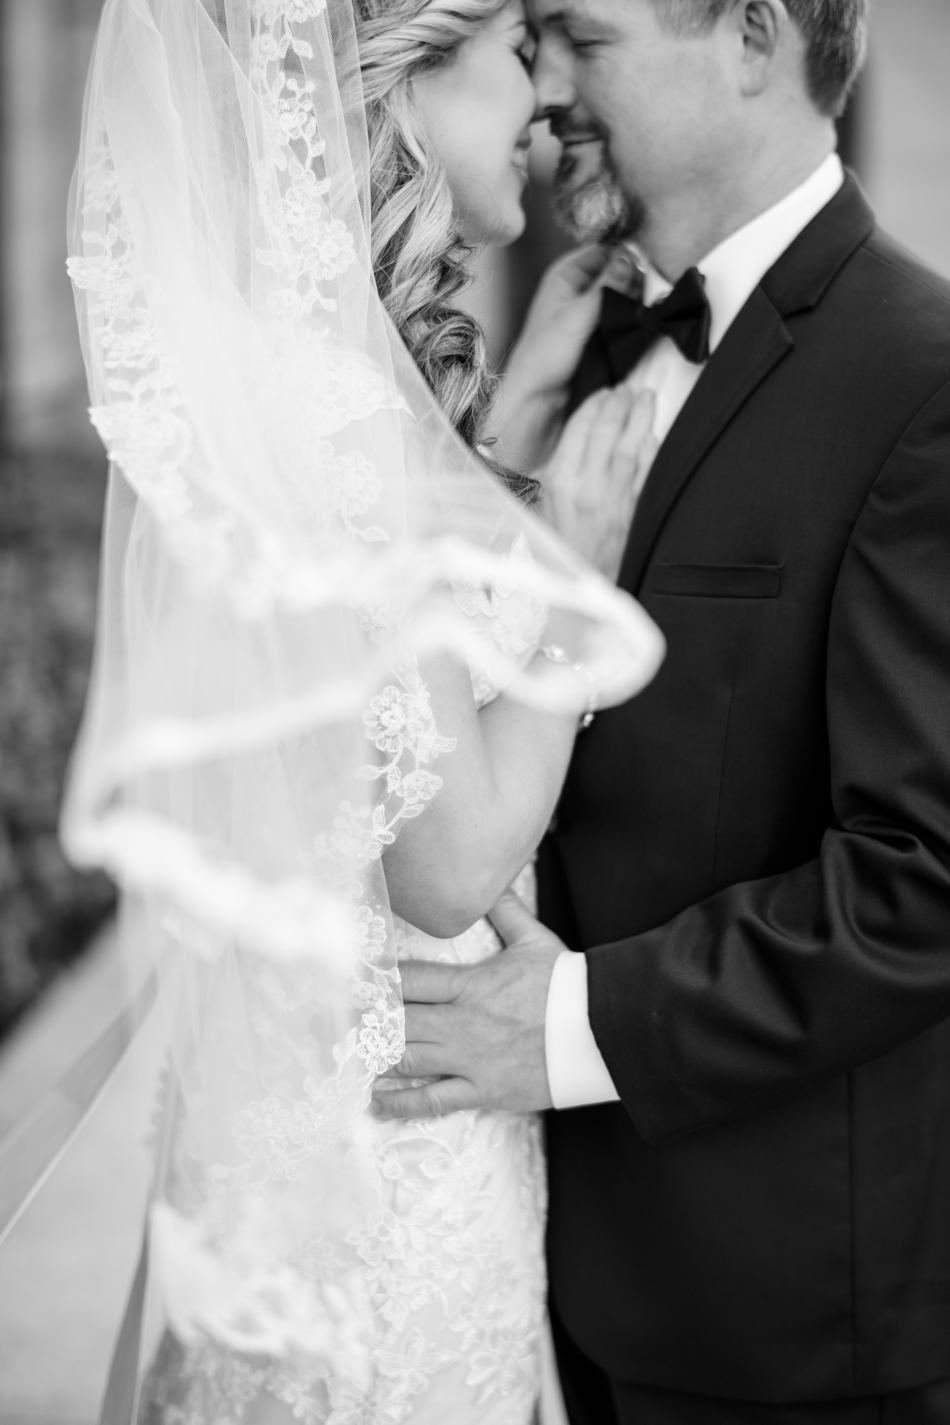 st. augustine wedding photos